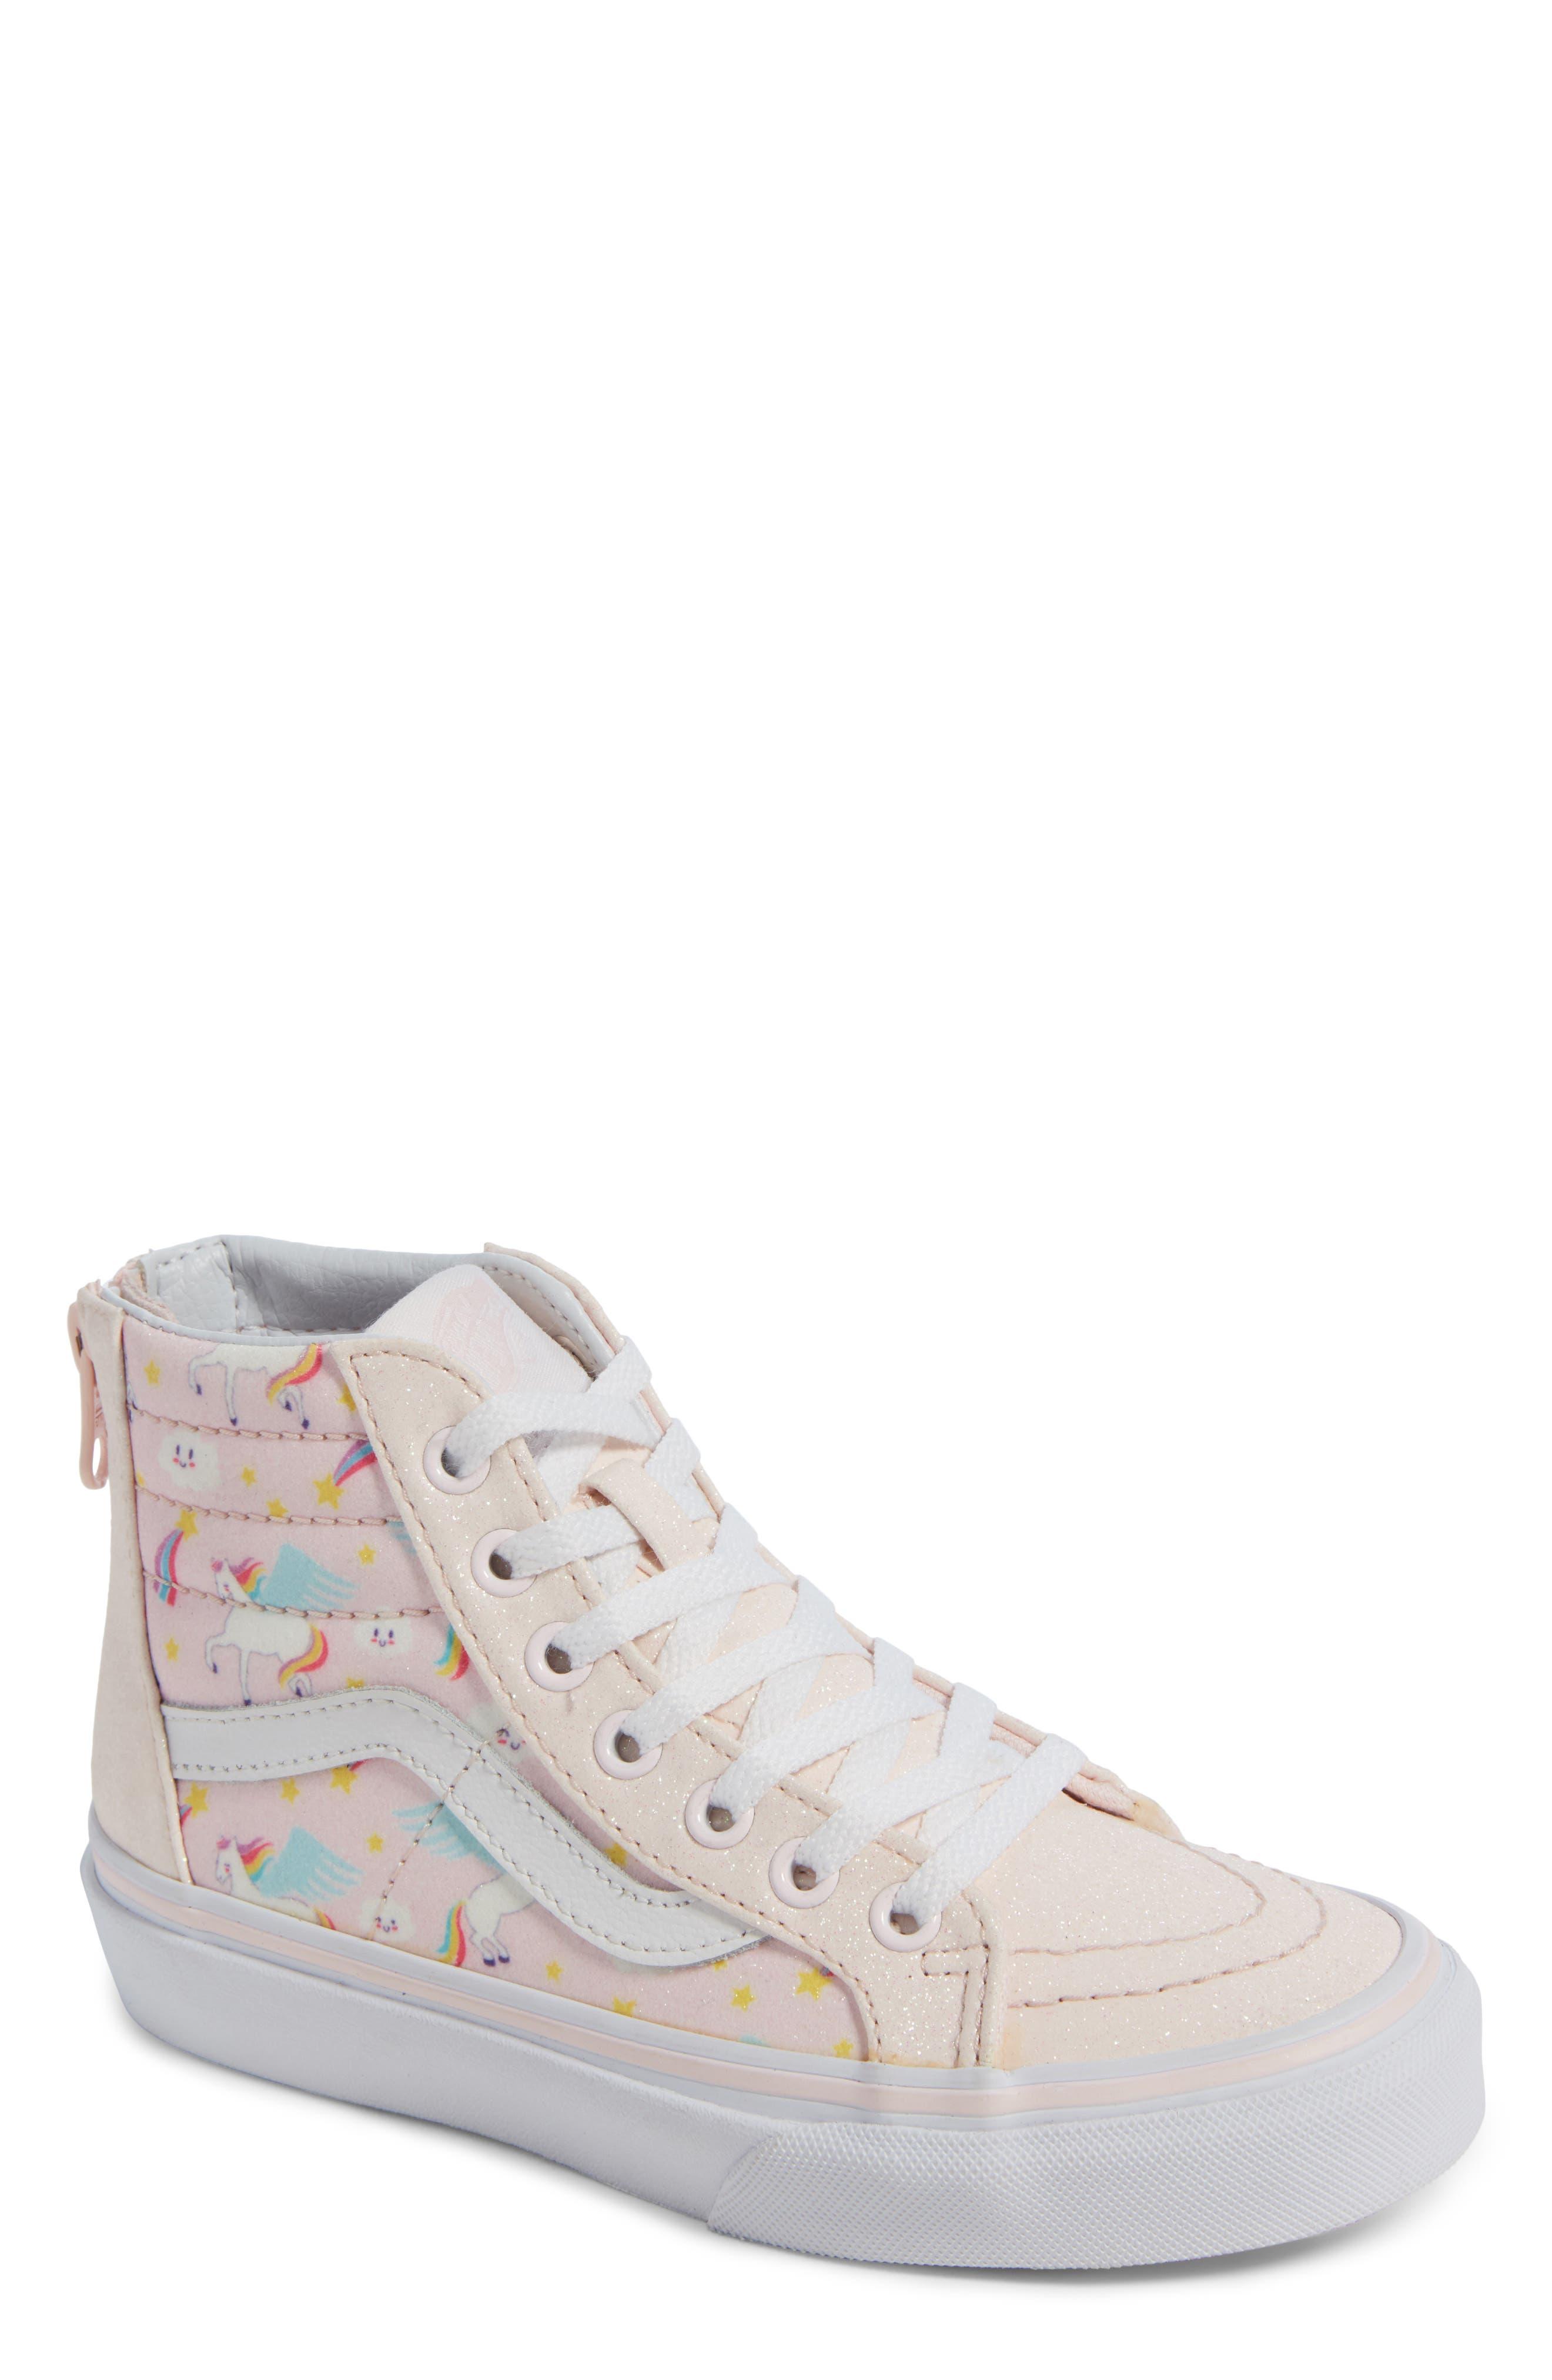 Sk8-Hi Zip Sneaker,                         Main,                         color, GLITTER PEGASUS PINK/ WHITE